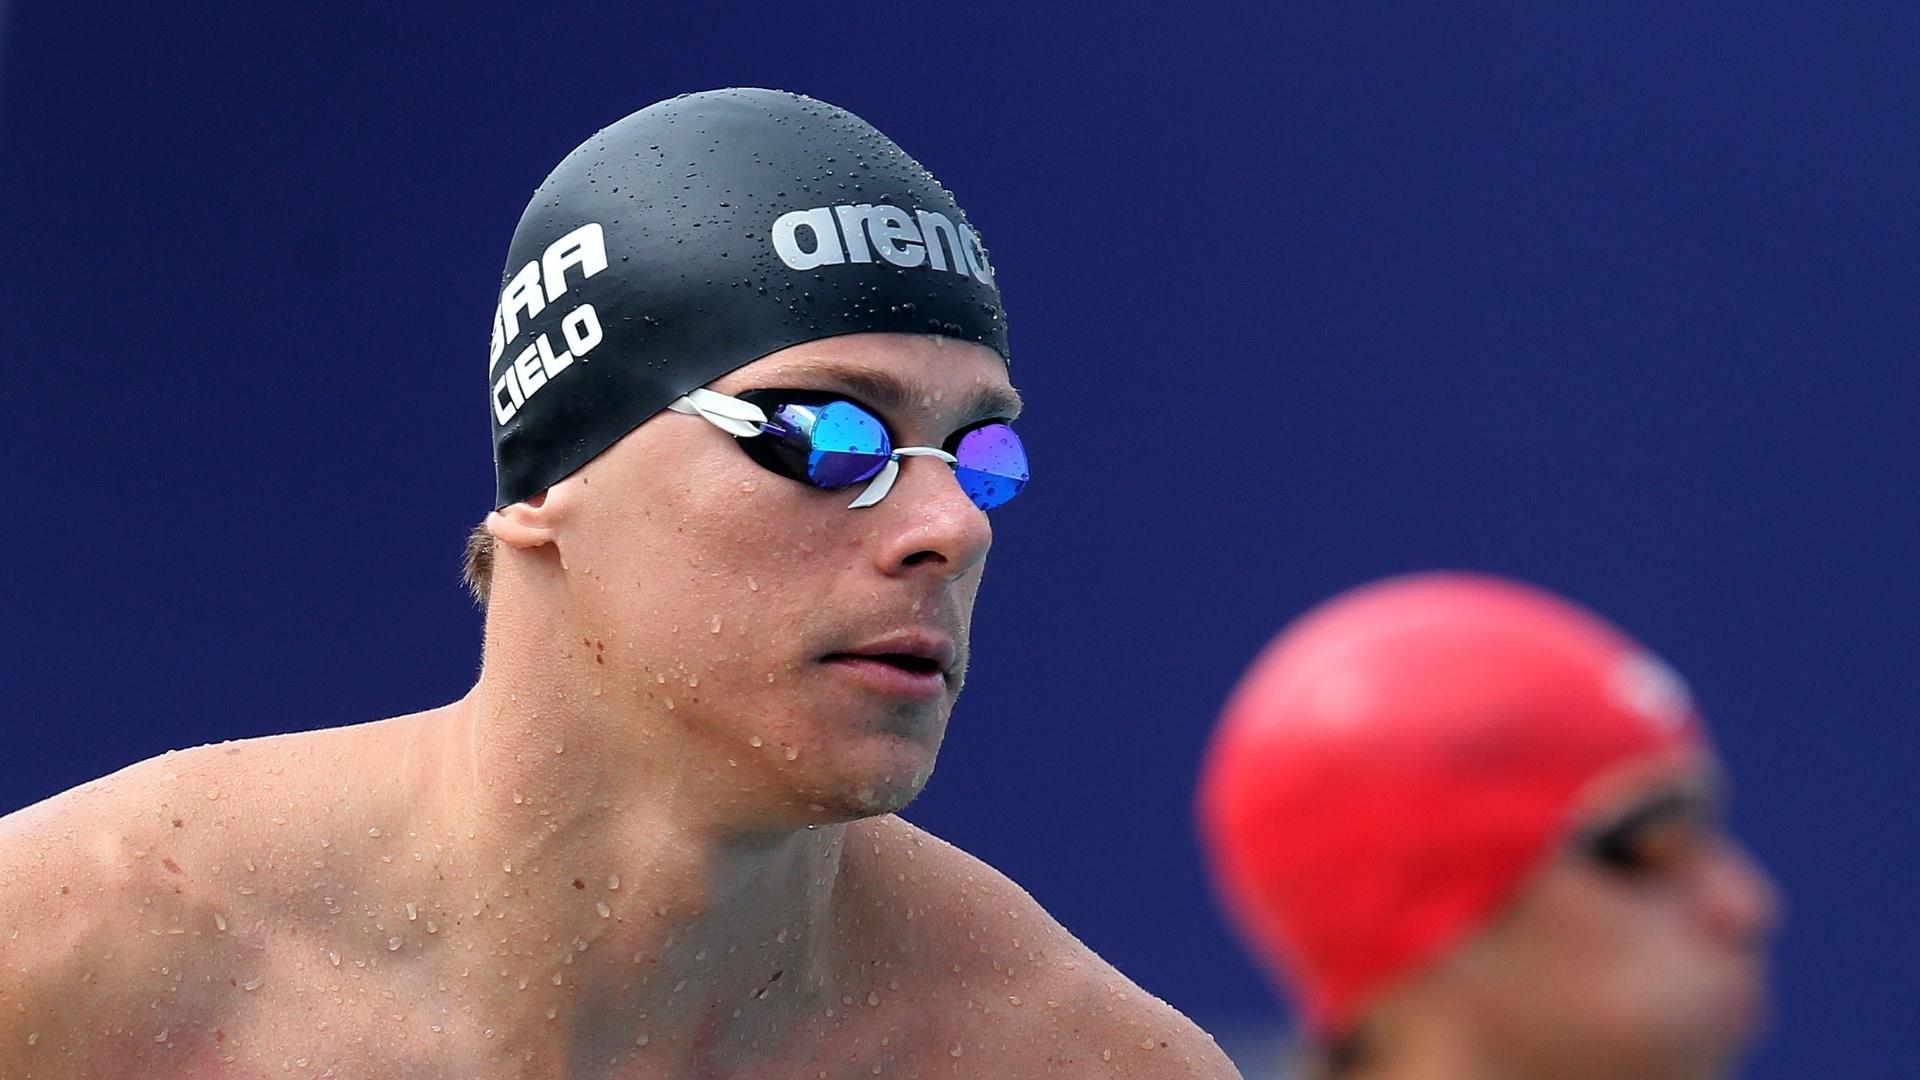 Cesar Cielo após nadar prova dos 50m borboleta. Ele ficou em terceiro na eliminatória